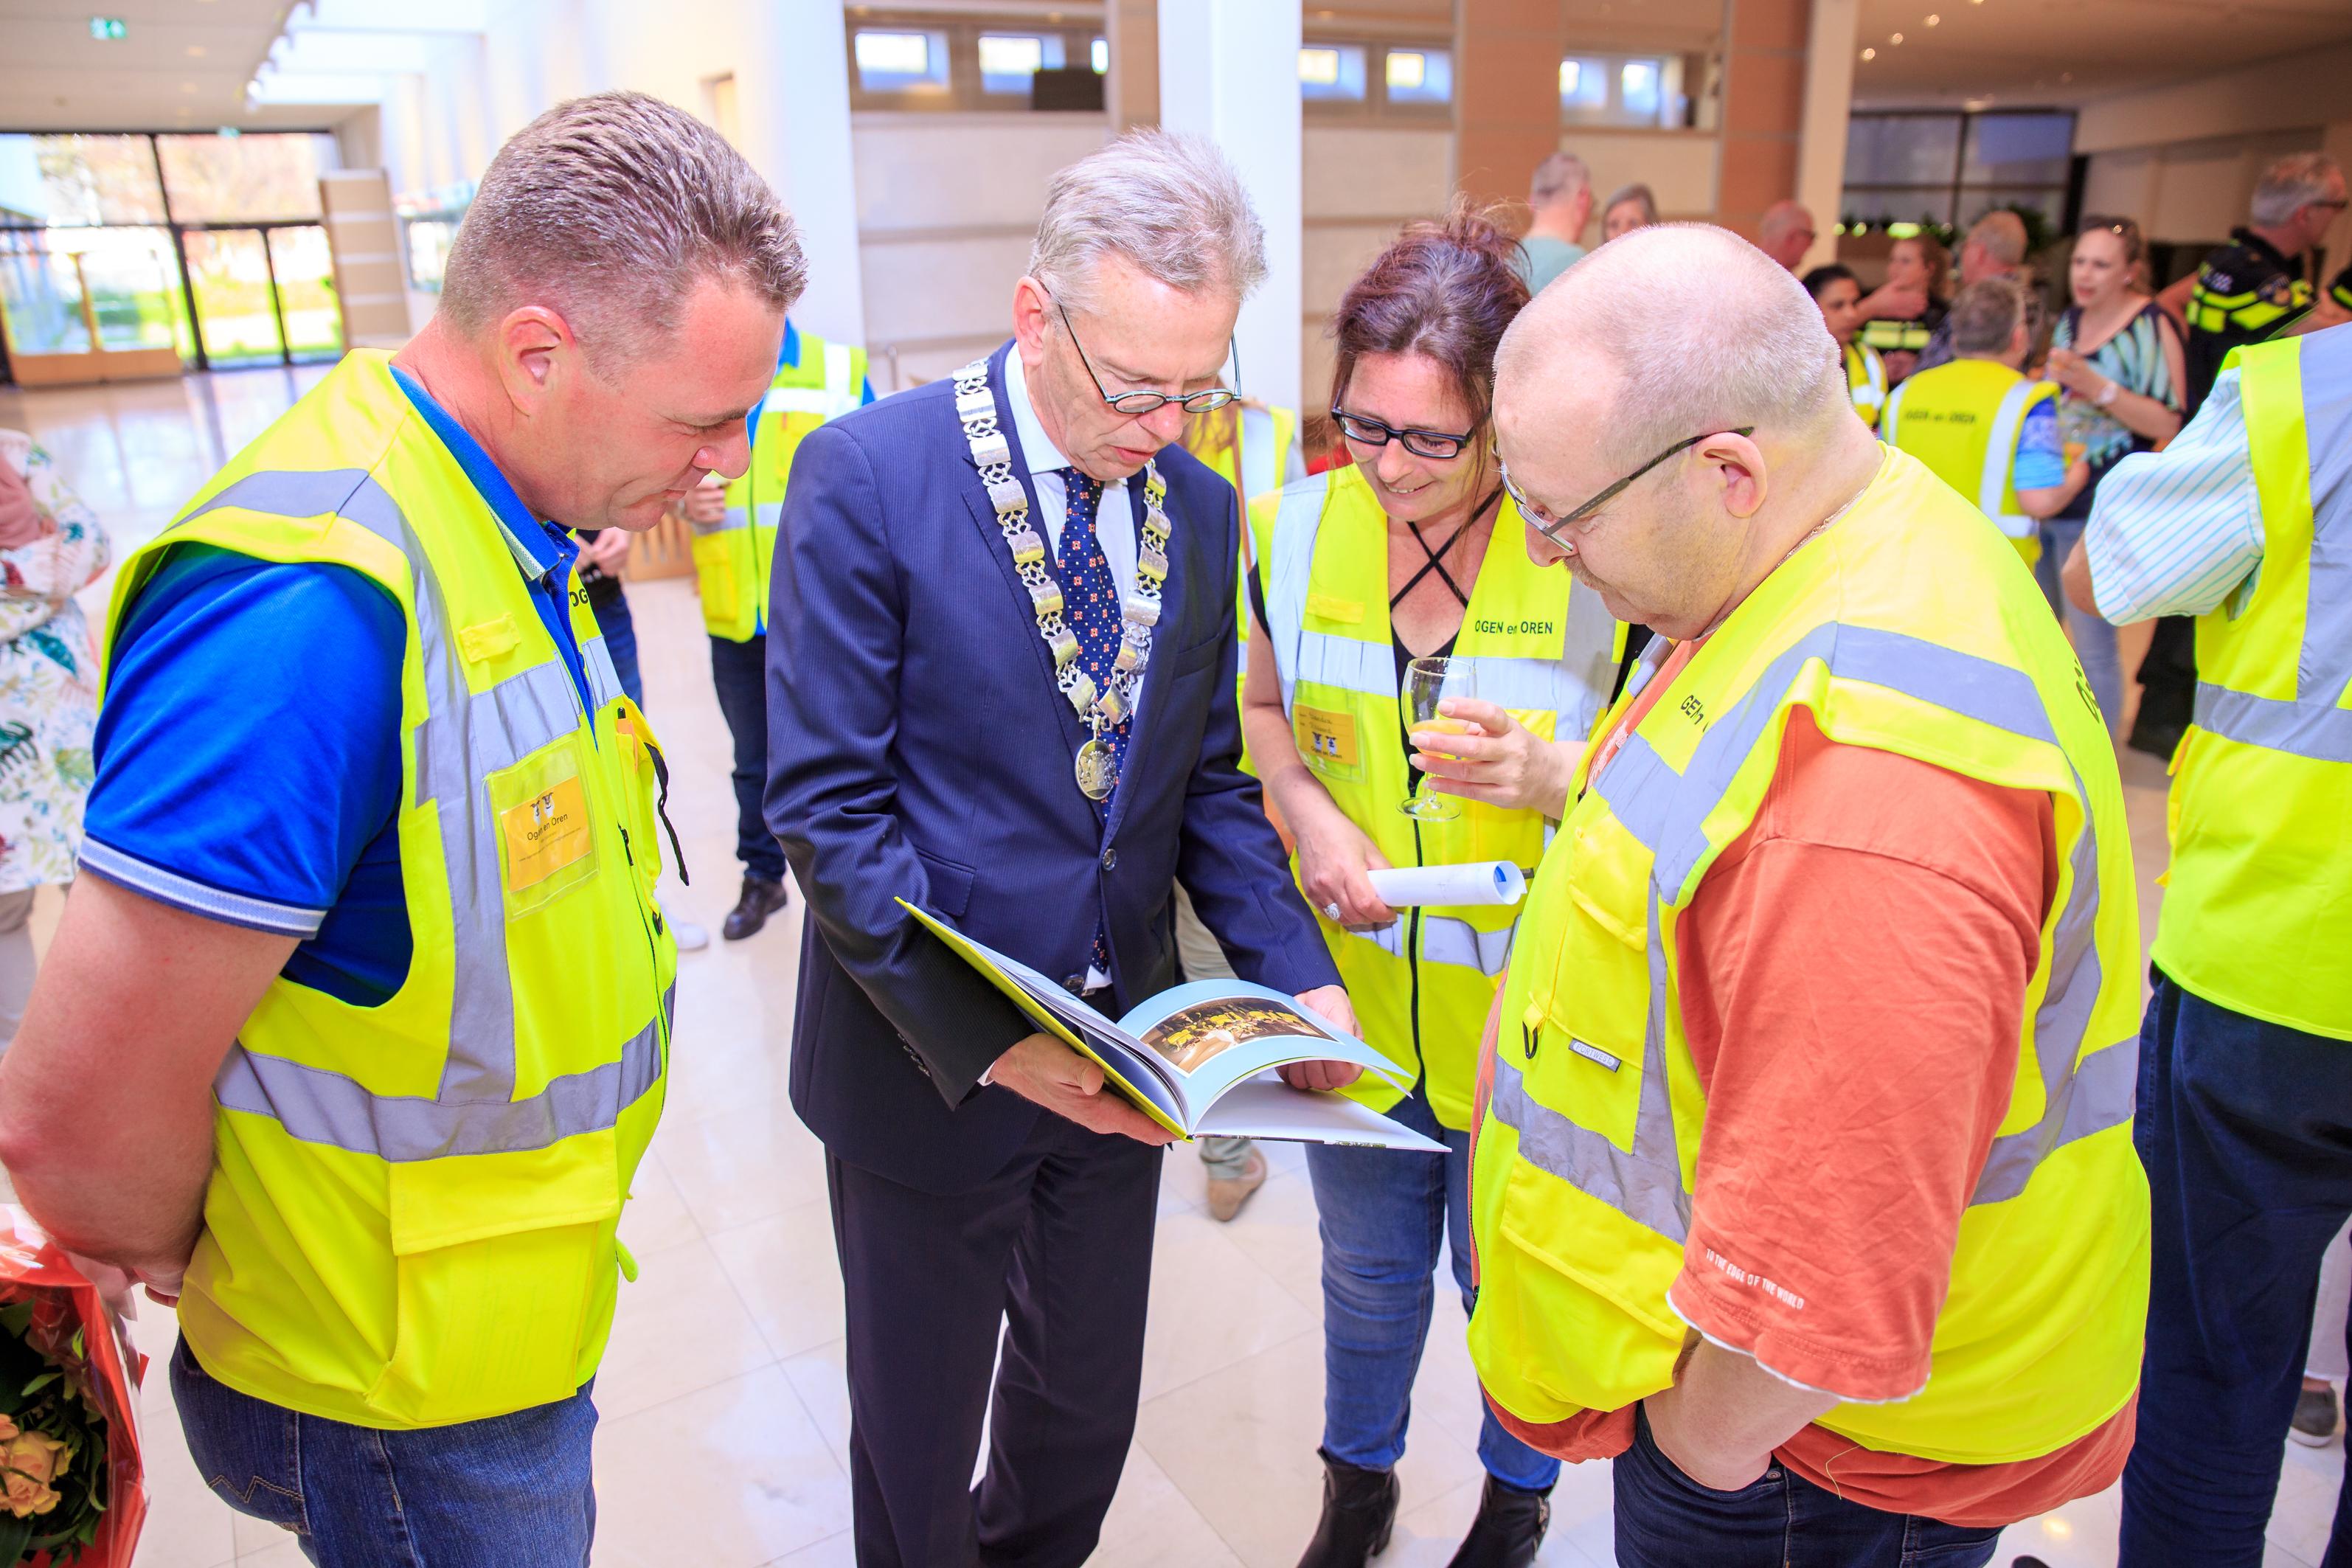 Coen Lageveen, een van de coördinatoren van Ogen en Oren, overhandigde het eerste jubileumboekje aan de burgemeester. (Foto: Gemeente Purmerend)